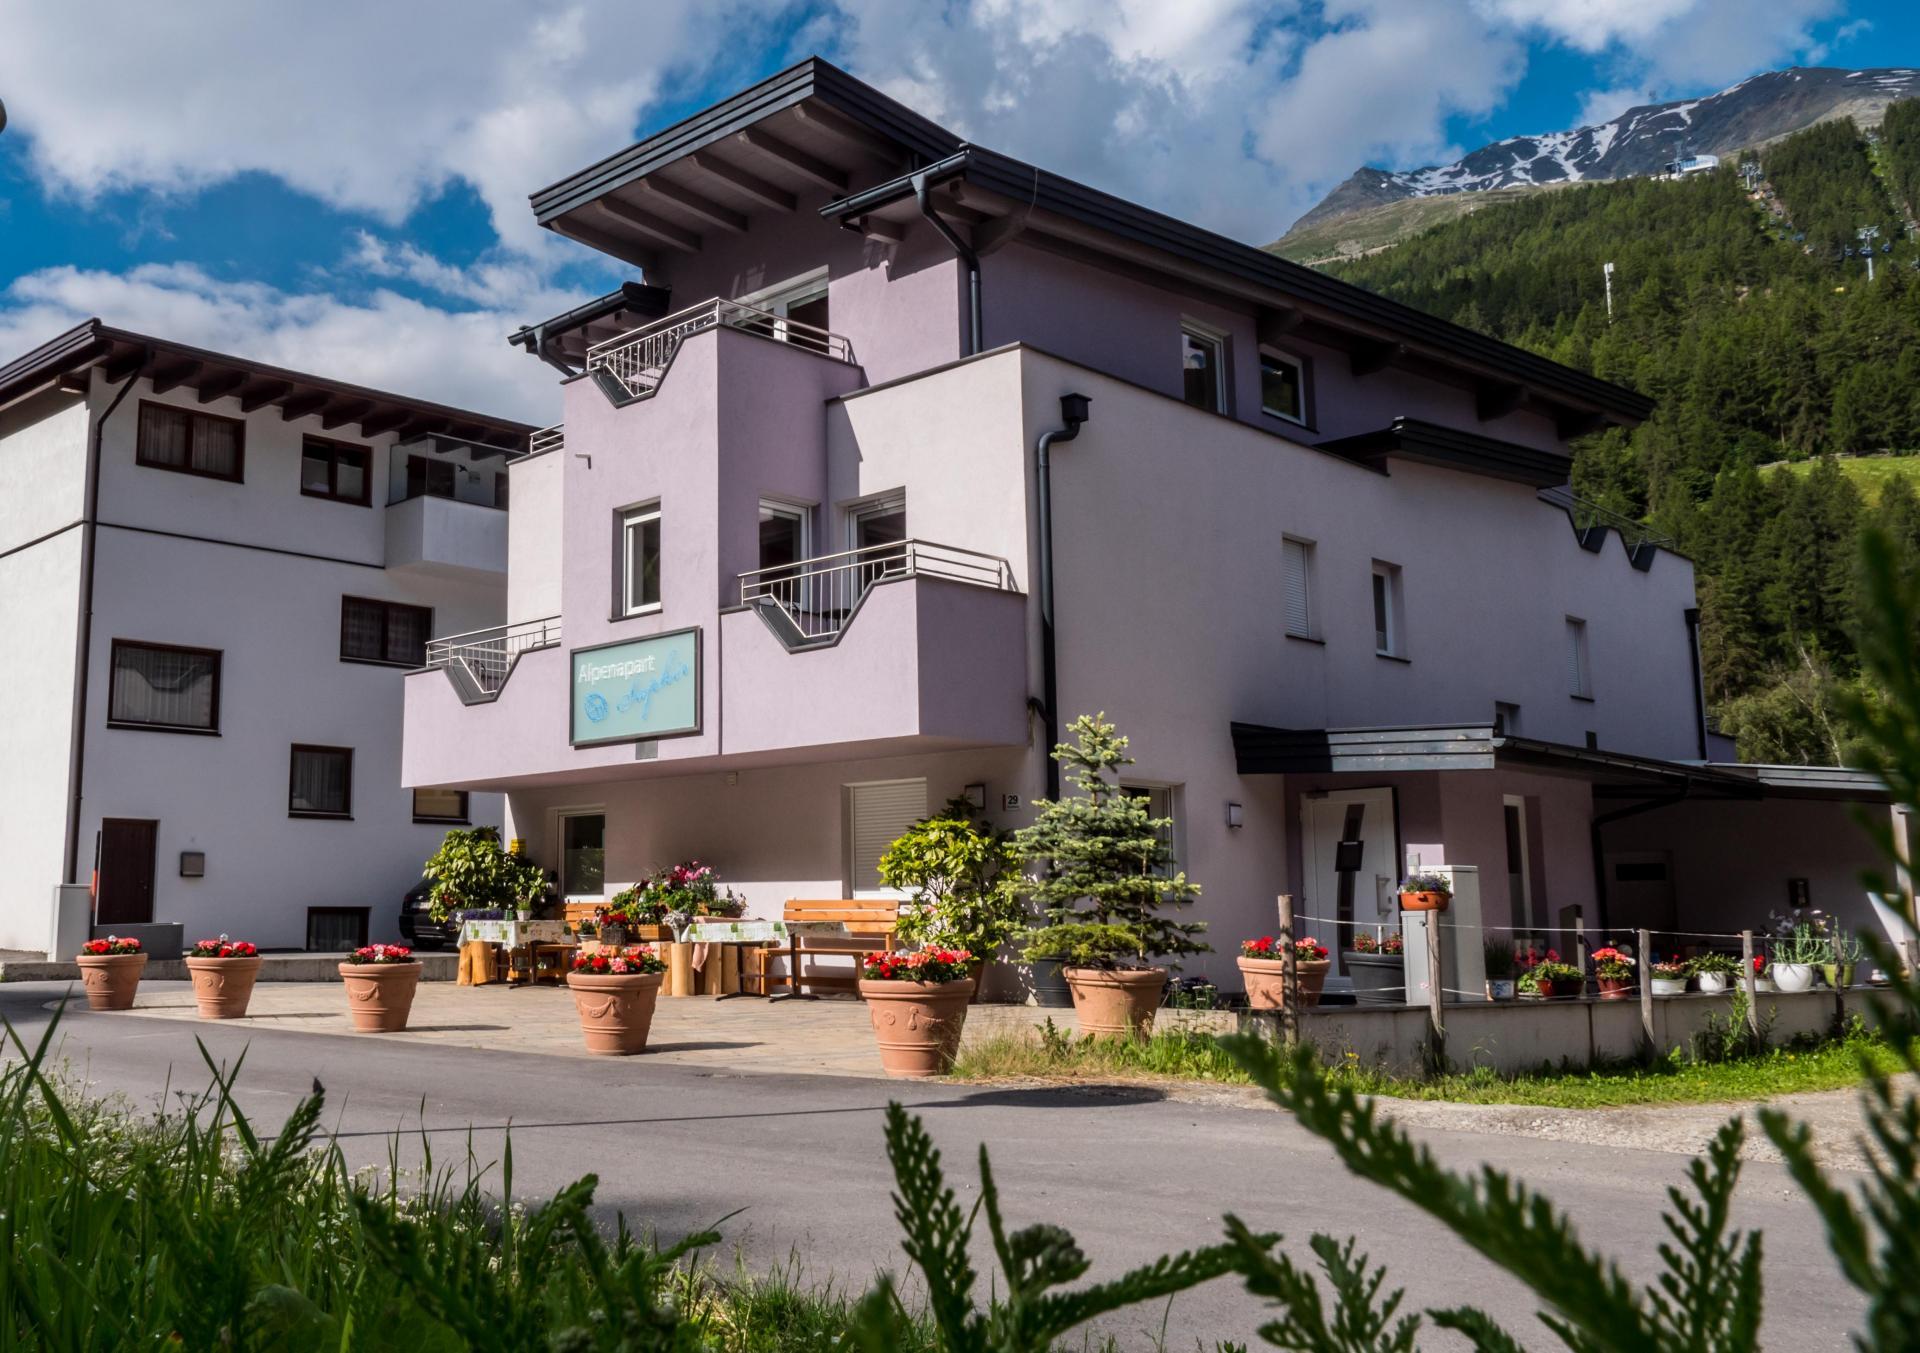 Alpenapart Saphir #Willkommen#Bildergalerie#News#Wohneinheiten#Preise#Buchen#Anfragen#Alles auf einen Blick#Impressum#Sitemap#Buchungsinformationen